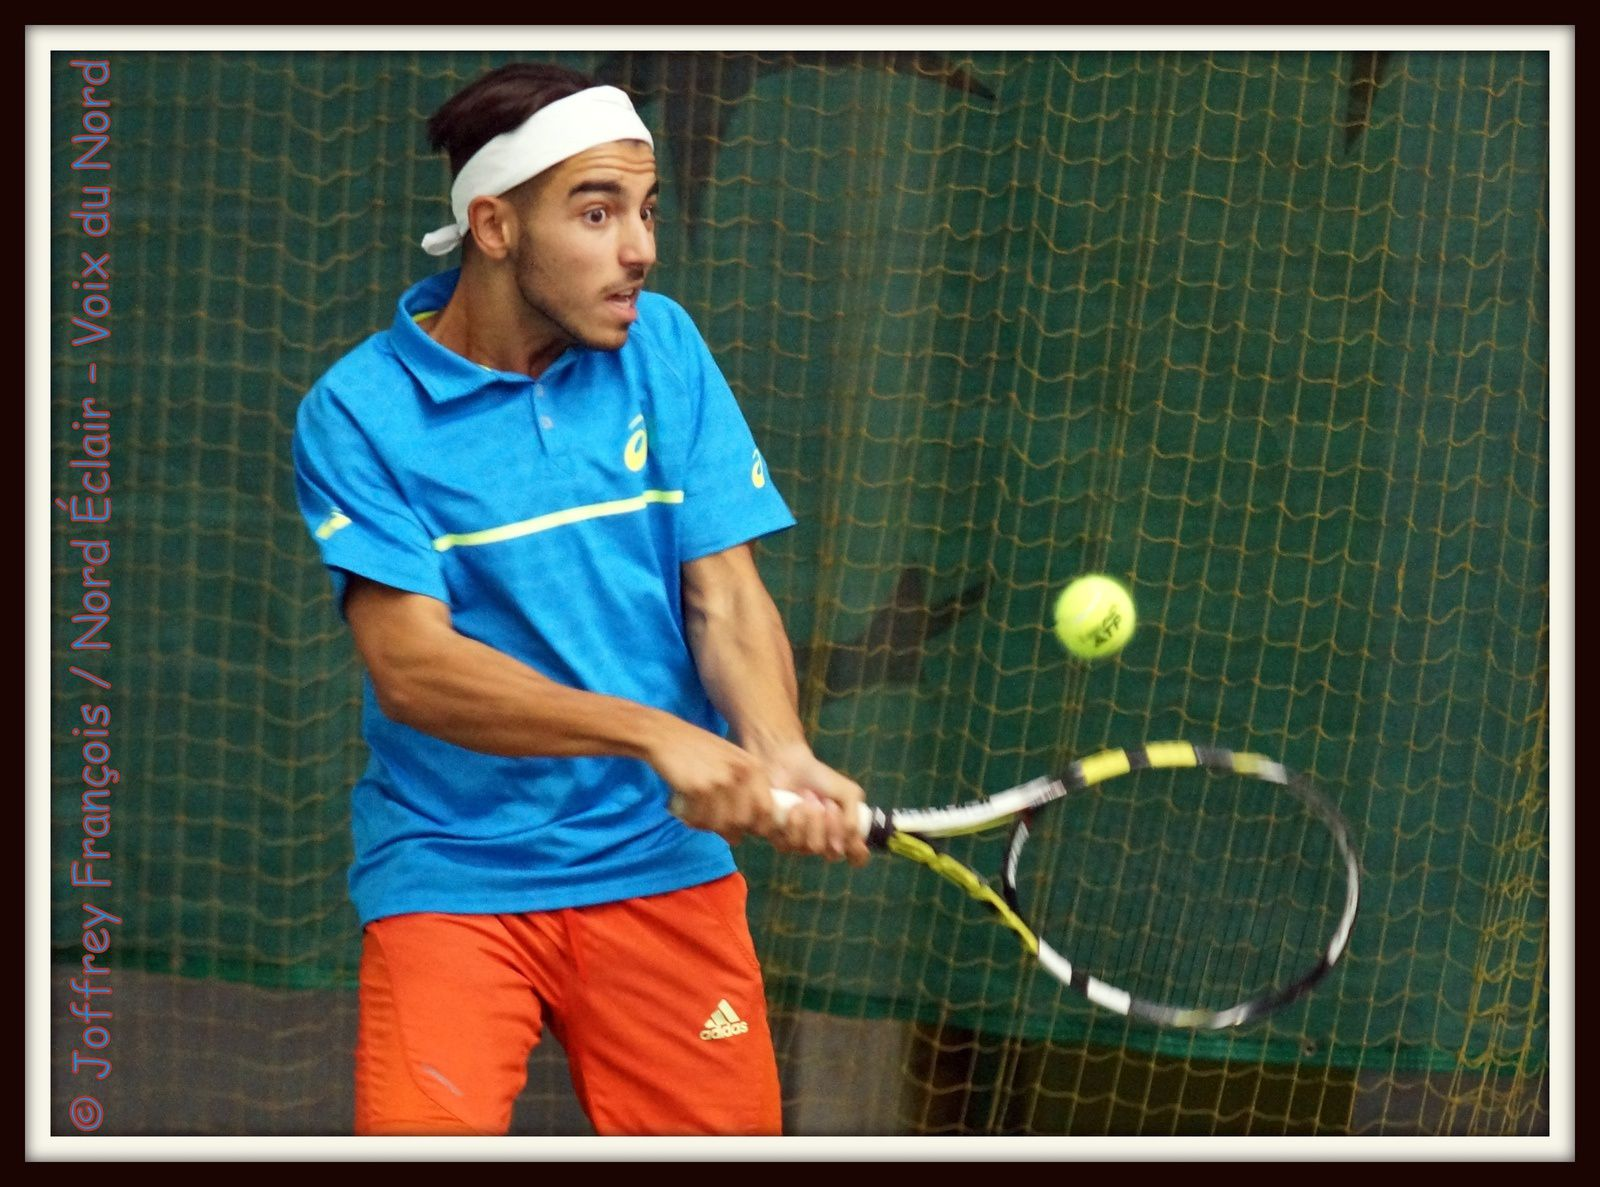 19.09.15 Tennis + Ping